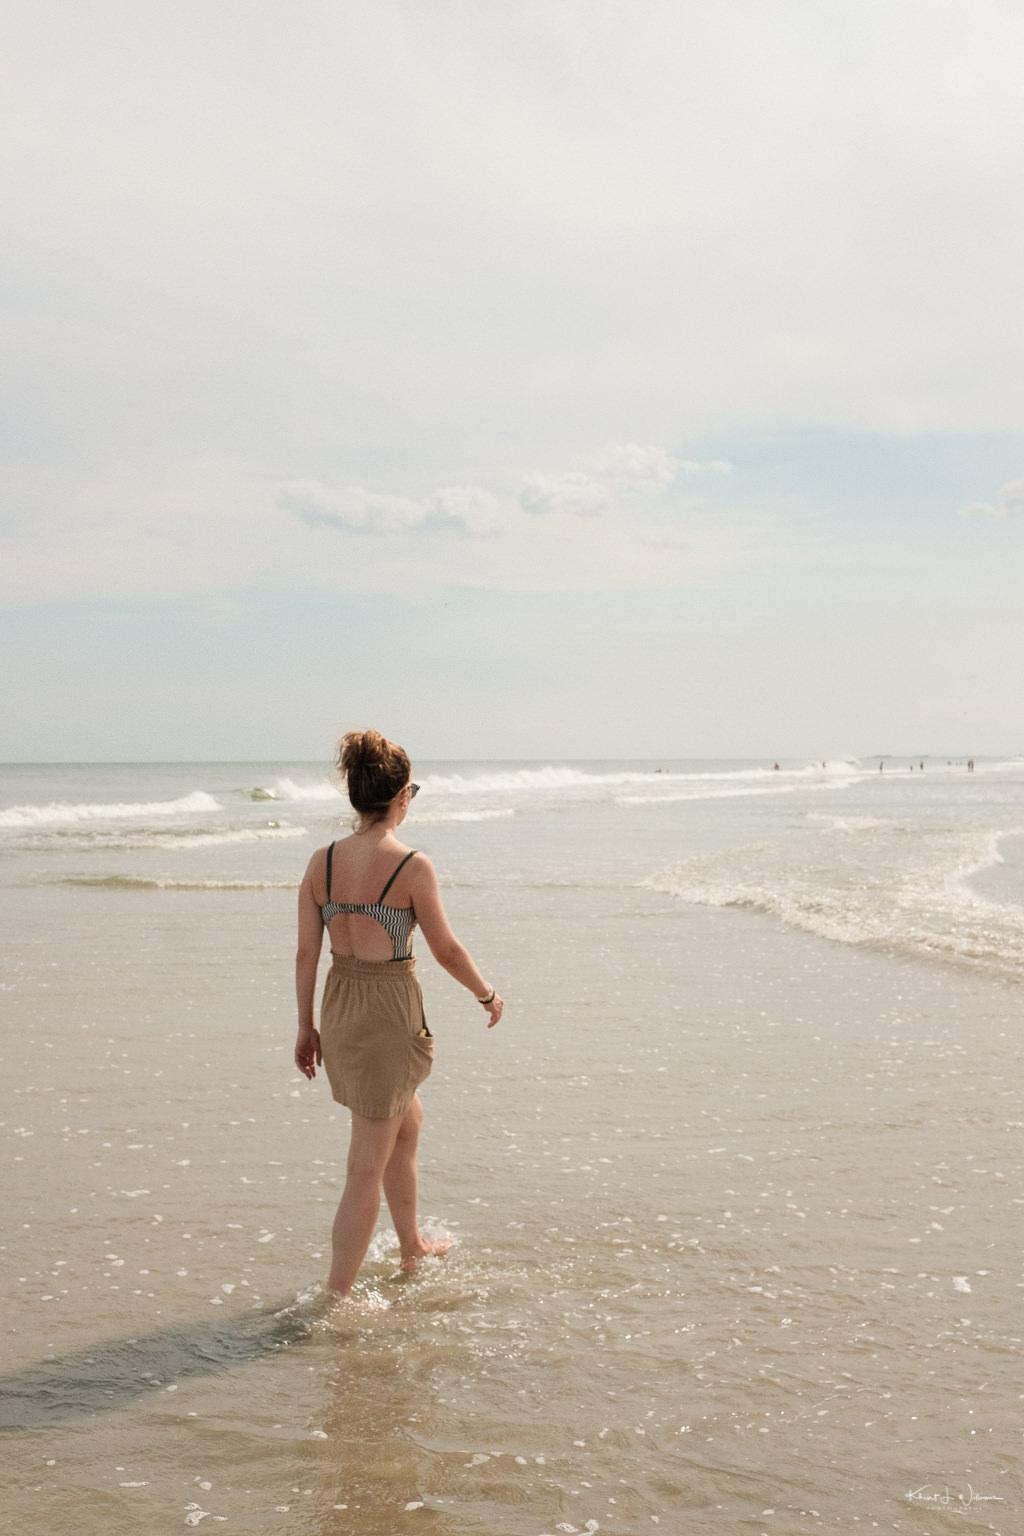 Woman Walking Beach Scene